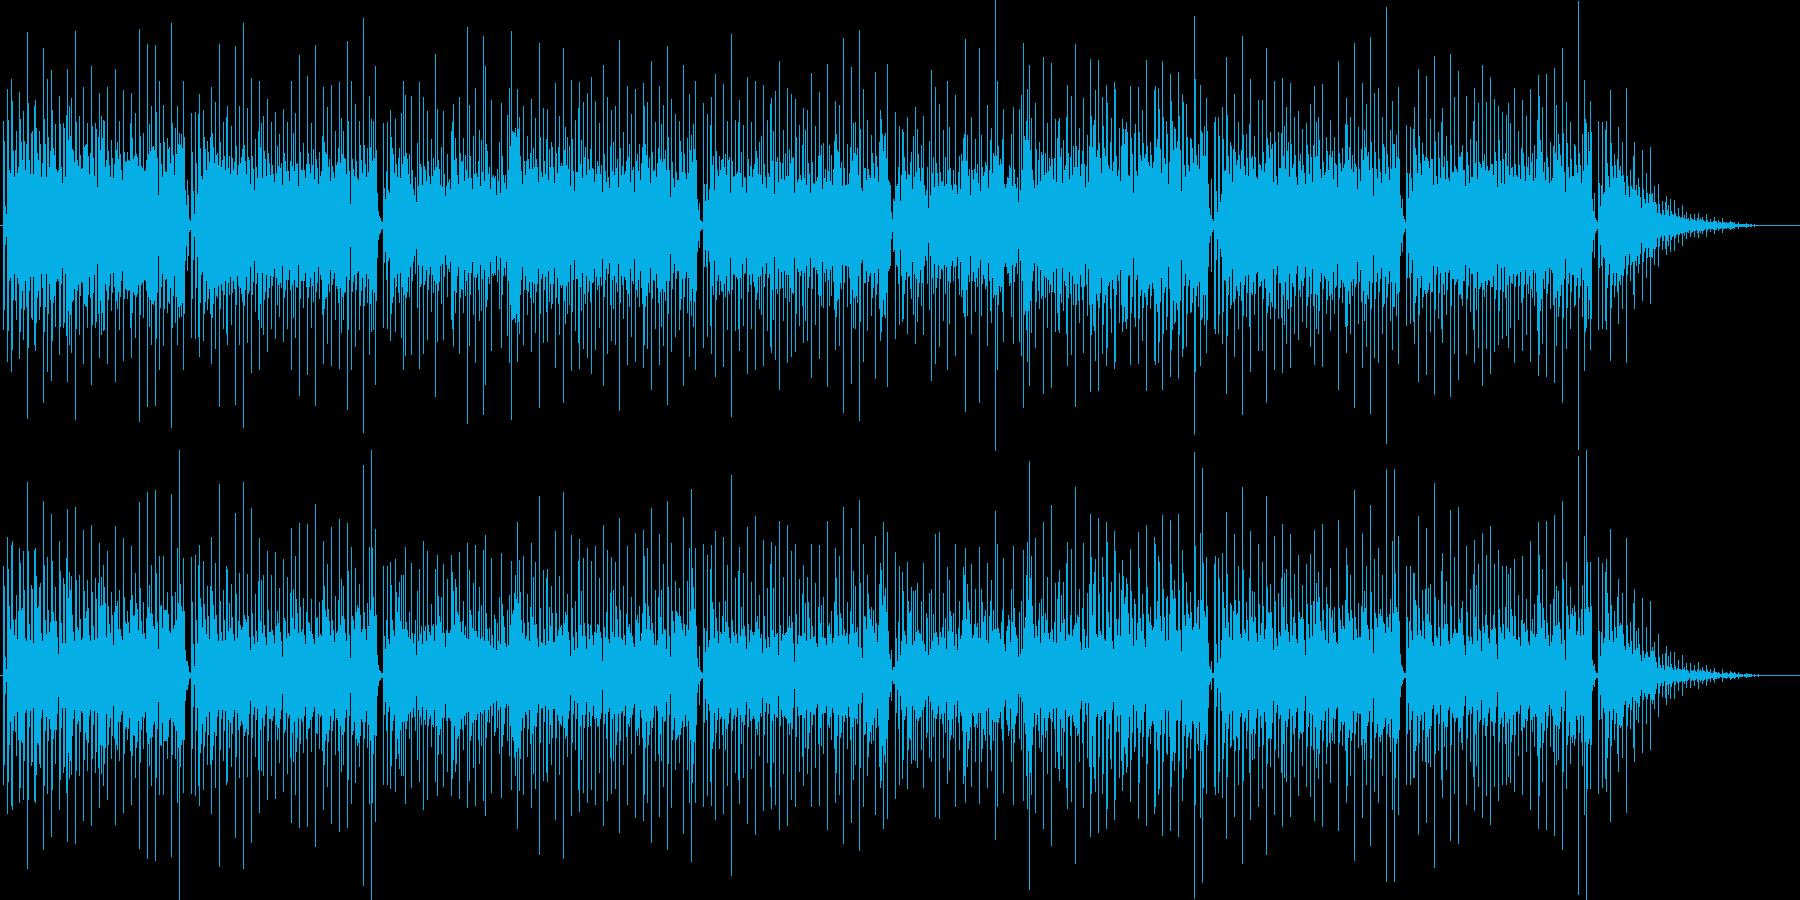 ほのぼのとしたブルースの再生済みの波形